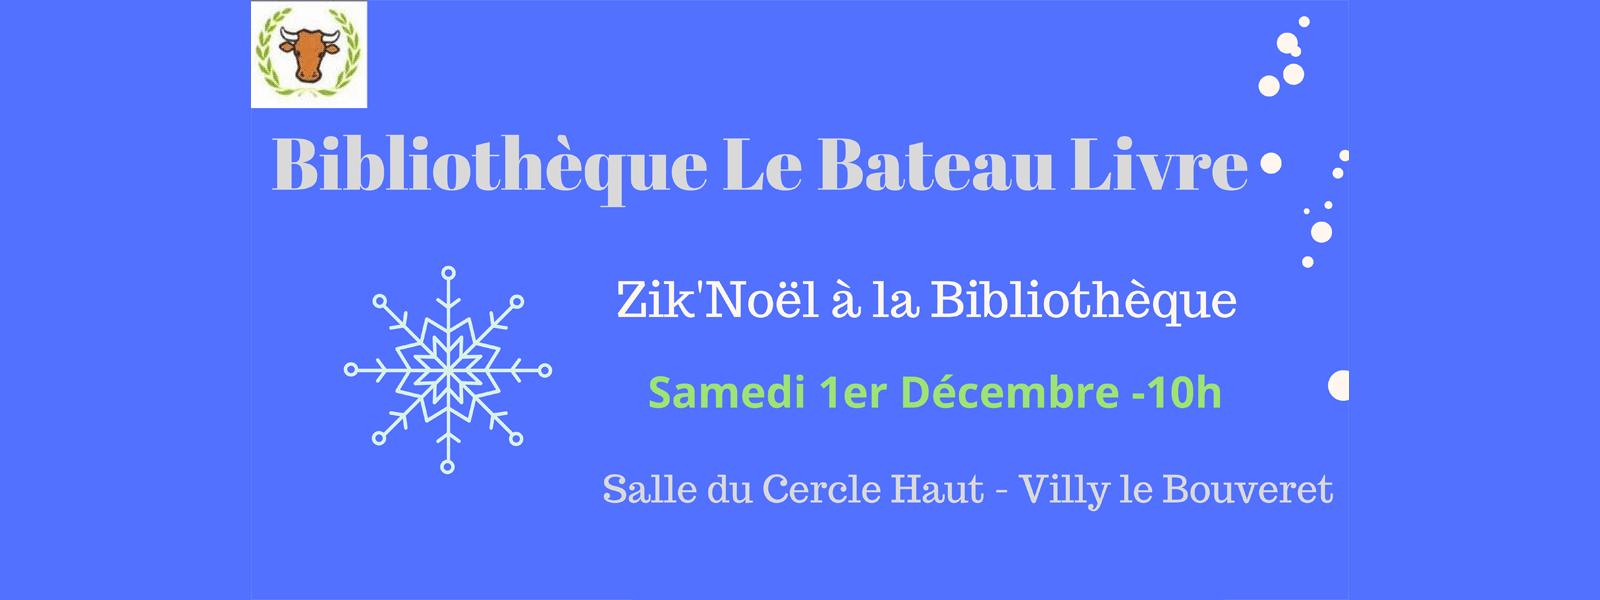 Zik'Noël à la Bibliothèque de Villy-le-Bouveret le samedi 1er décembre 2018 à 10h.